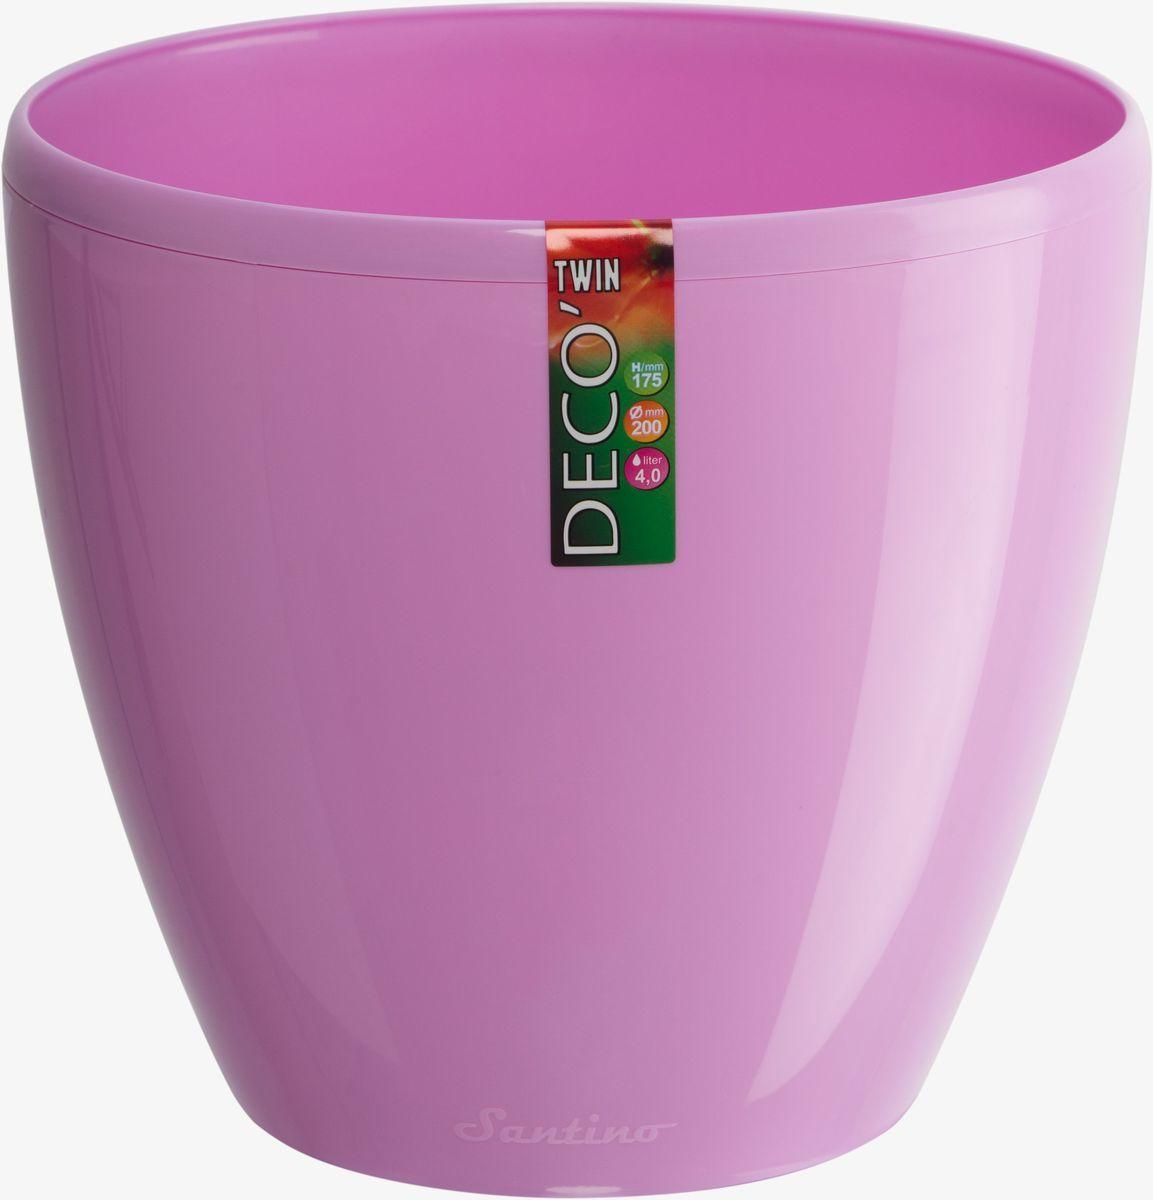 Горшок цветочный Santino Deco Twin, двойной, с системой автополива, цвет: лаванда, 2,5 лМ 3009Горшок цветочный Santino Deco Twin снабжен дренажной системой и состоит из кашпо и вазона-вкладыша. Изготовлен из пластика.Особенность: тарелочка или блюдце не нужны.Горшок предназначен для любых растений или цветов.Цветочный дренаж – это система, которая позволяет выводить лишнюю влагу через корневую систему цветка и слой почвы. Растение – это живой организм, следовательно, ему необходимо дышать. В доступе к кислороду нуждаются все части растения:-листья;-корневая система.Если цветовод по какой-либо причине зальет цветок водой, то она буквально вытеснит из почвенного слоя все пузырьки кислорода. Анаэробная среда способствует развитию различного рода бактерий. Безвоздушная среда приводит к загниванию корневой системы, цветок в результате увядает.Суть работы дренажной системы заключается в том, чтобы осуществлять отвод лишней влаги от растения и давать возможность корневой системе дышать без проблем. Следовательно, каждому цветку необходимо:-иметь в основании цветочного горшочка хотя бы одно небольшое дренажное отверстие. Оно необходимо для того, чтобы через него выходила лишняя вода, плюс ко всему это отверстие дает возможность циркулировать воздух.-на самом дне горшка необходимо выложить слоем в 2-5 см (зависит от вида растения) дренаж.УВАЖАЕМЫЕ КЛИЕНТЫ!Обращаем ваше внимание на тот факт, что фото изделия служит для визуального восприятия товара. Литраж и размеры, представленные на этикетке товара, могут по факту отличаться от реальных. Корректные данные в поле Размеры.